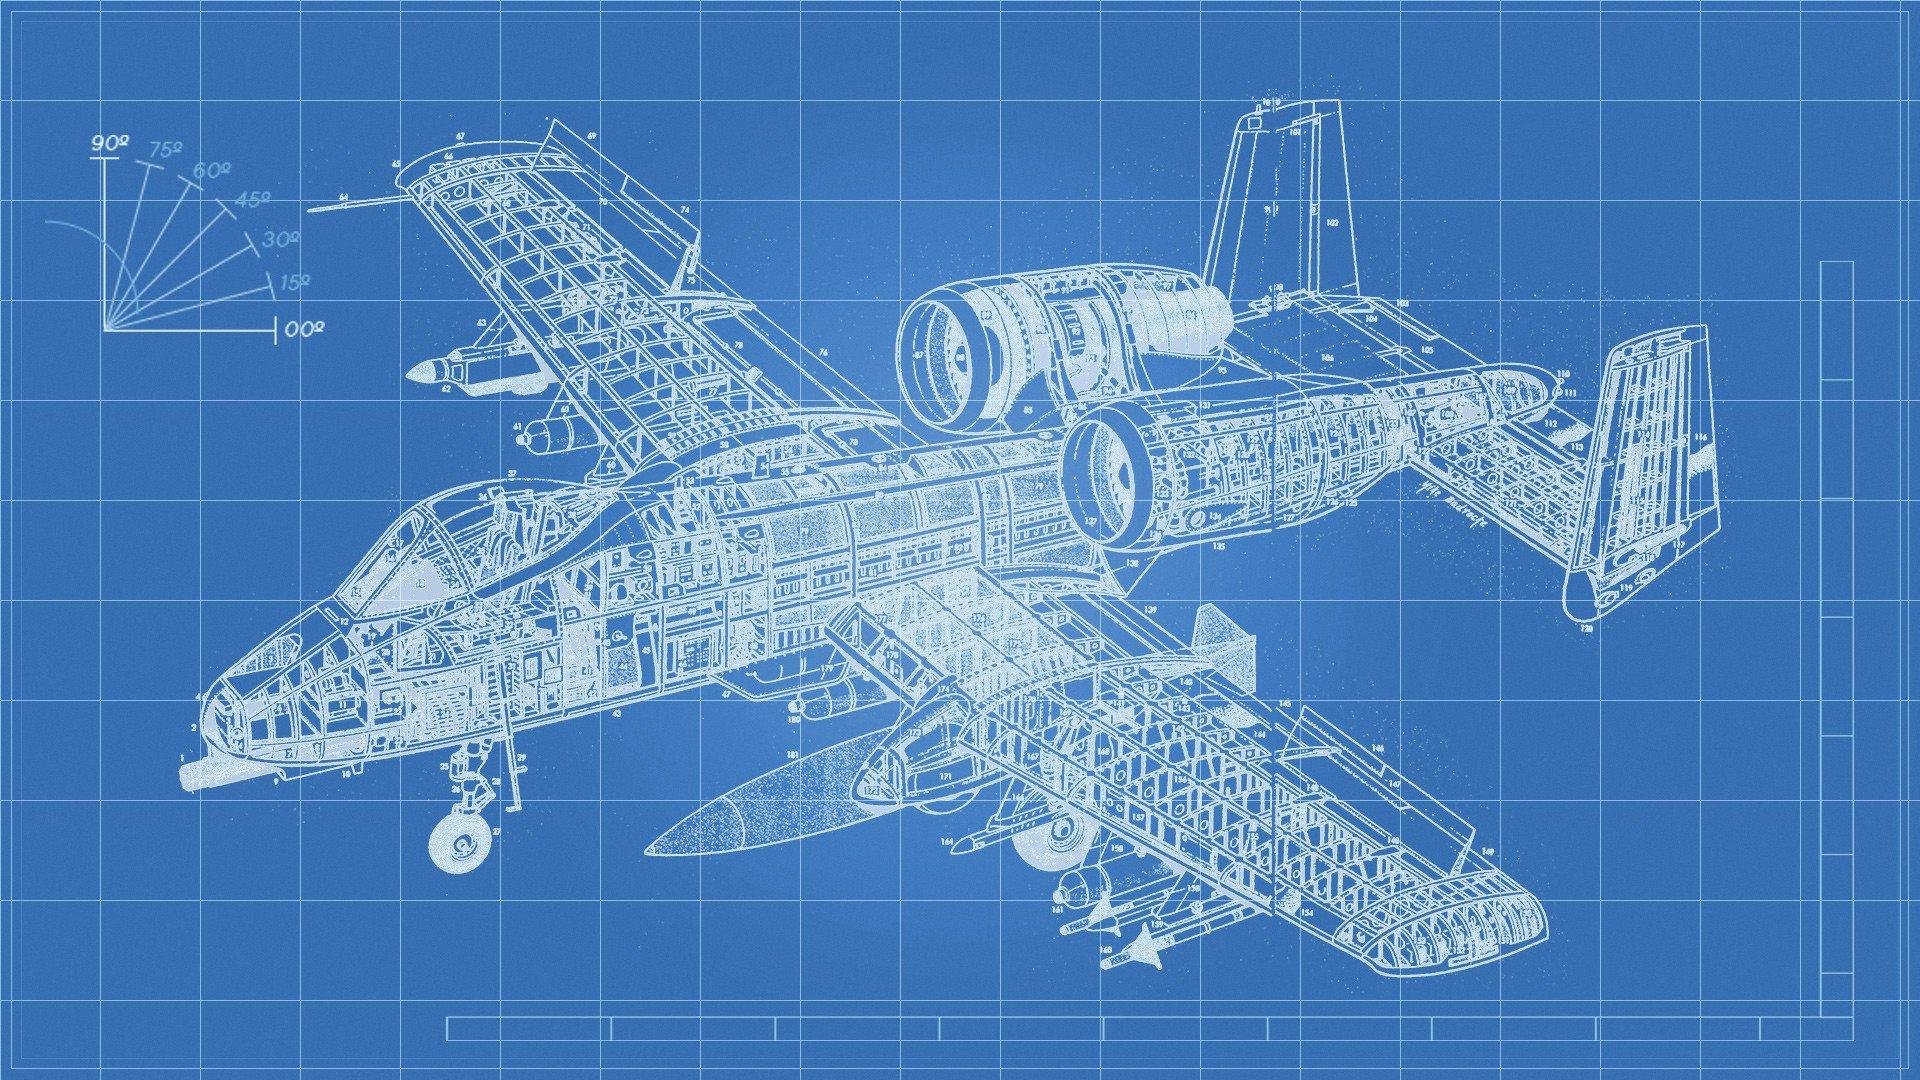 Hintergrundbilder : 10 Thunderbolt, 1920x1080 px, ein, Flugzeug ...